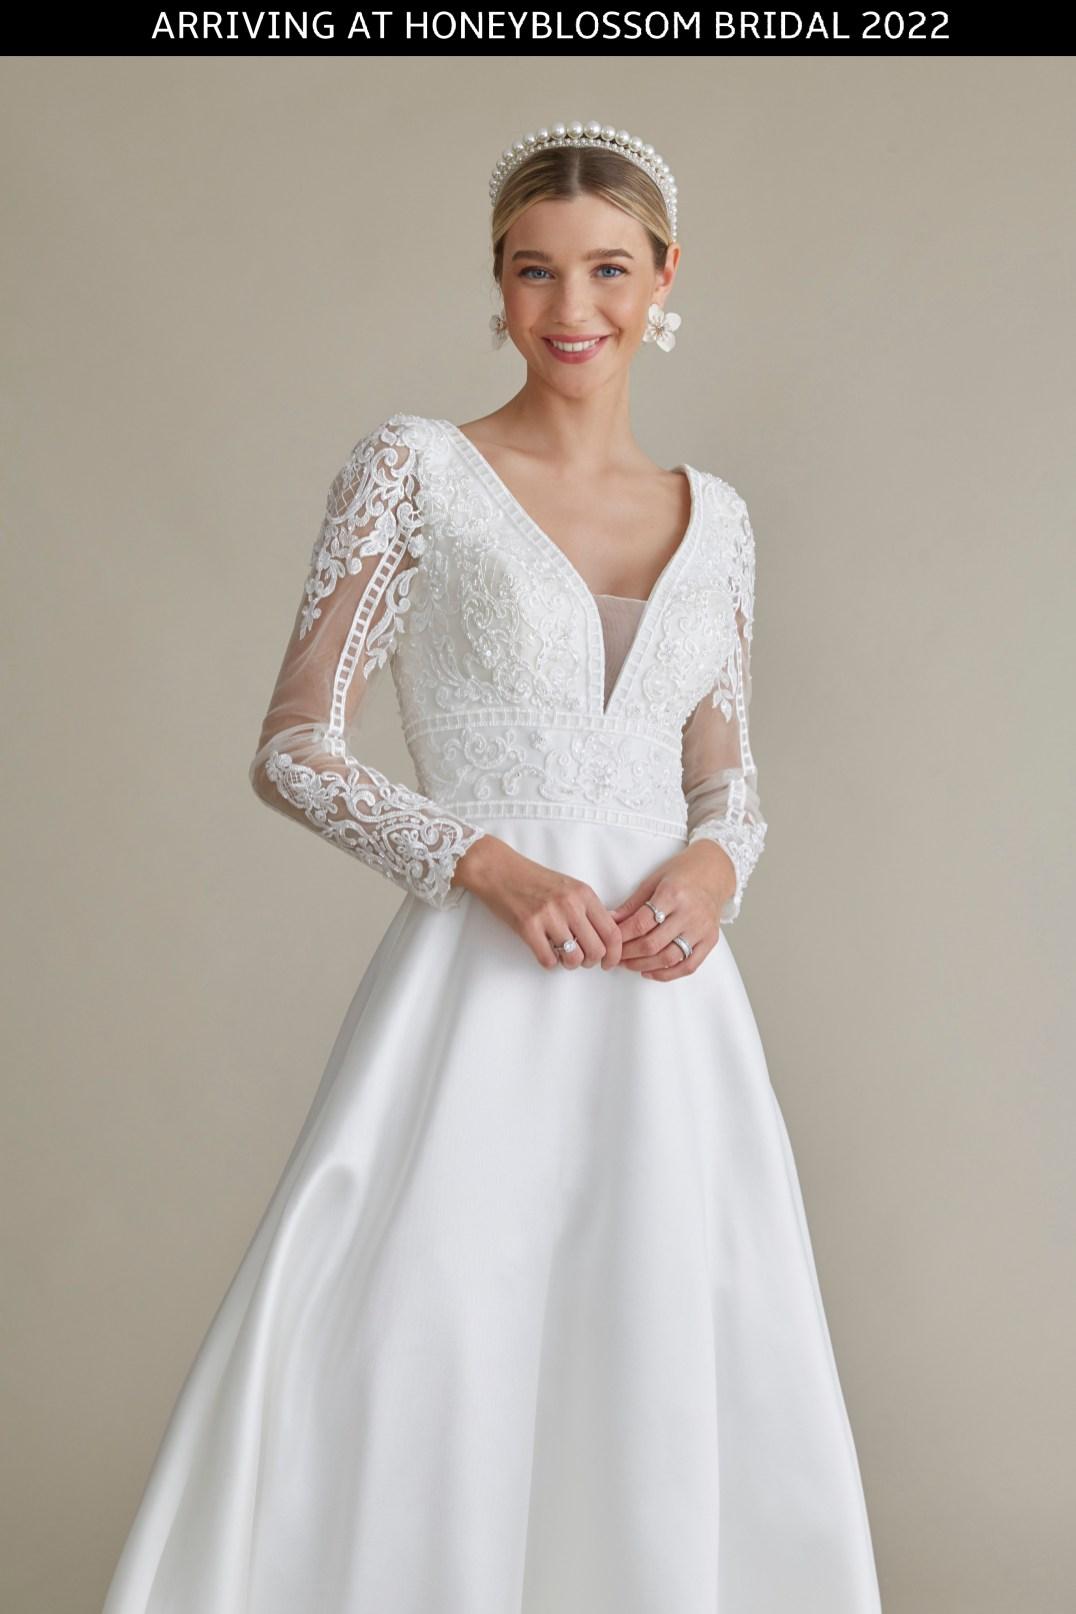 MiaMia Blair wedding dress arriving soon to Honeyblossom Bridal